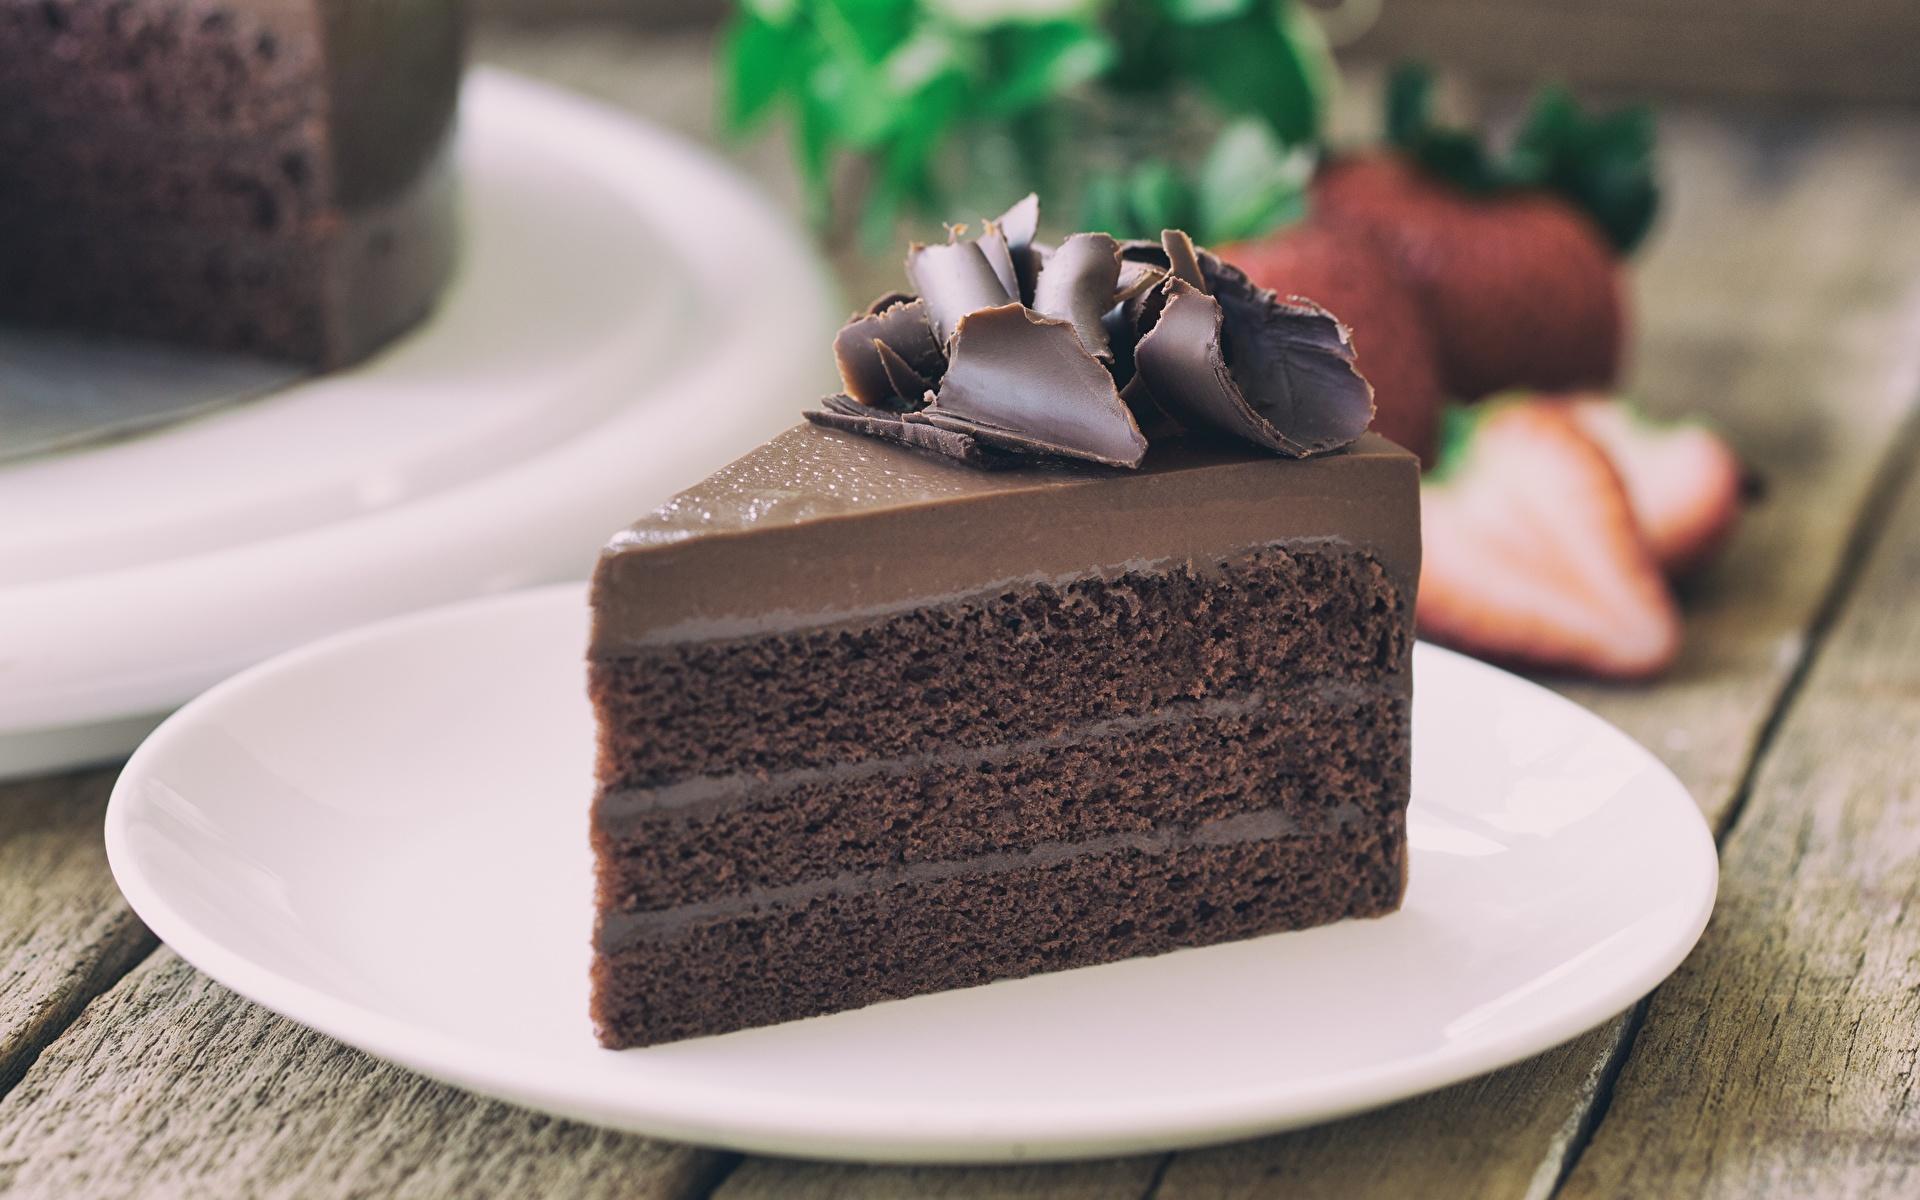 Фотография Шоколад Торты Кусок Еда Тарелка 1920x1200 часть Пища Продукты питания